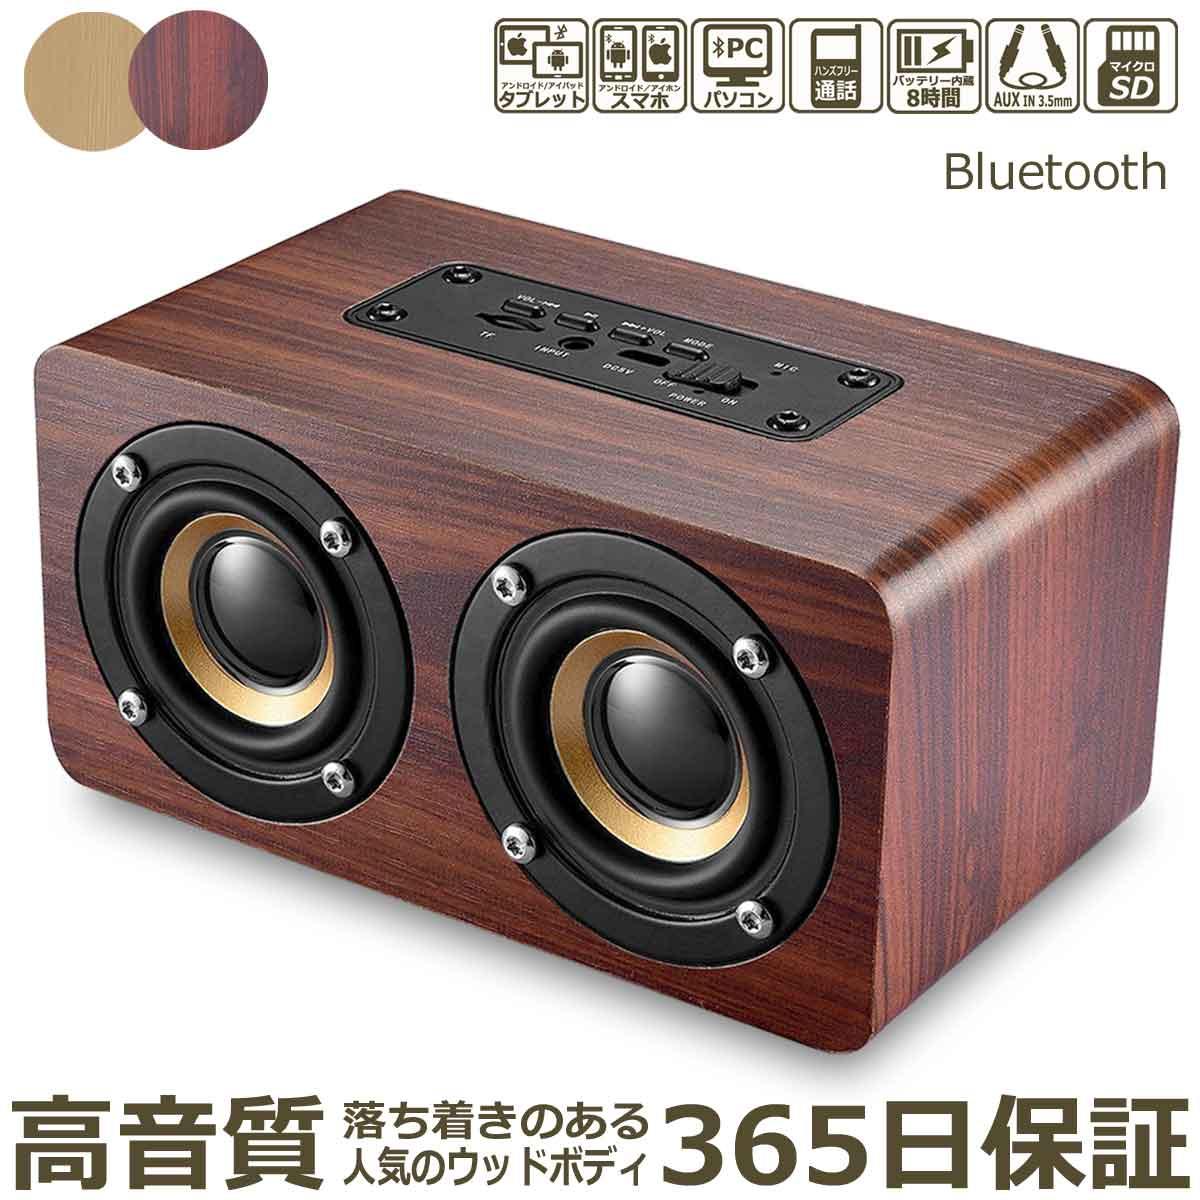 ブルートゥース ウッド スピーカー Bluetooth 木製 木目 クラシック 電話 アウトドア 野外 旅行 屋外 iphone ipad ipod mini pc スマホ コスパ ステレオ レッド W5